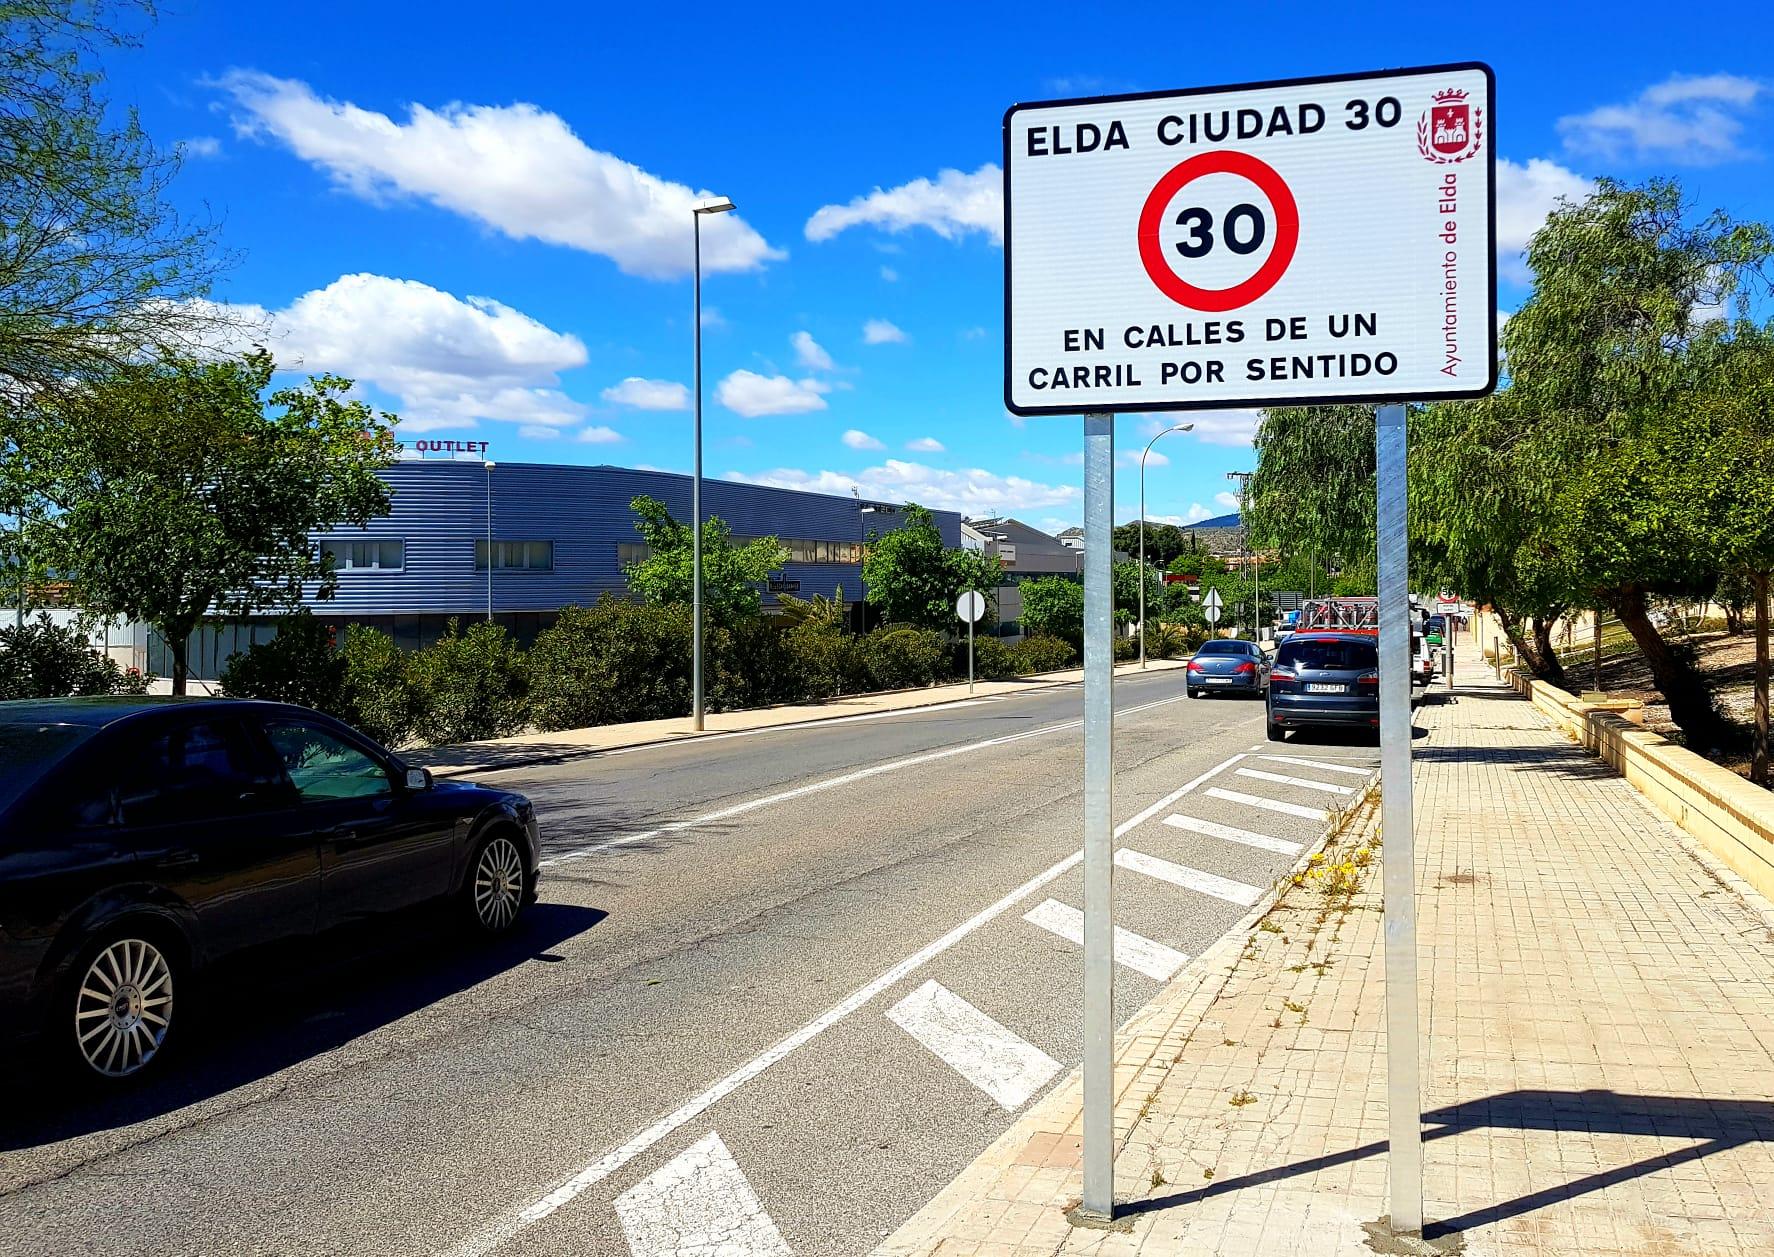 Los nuevos límites genéricos de velocidad en vías urbanas que han entrado en vigor hoy afectan al 80% de las calles de Elda